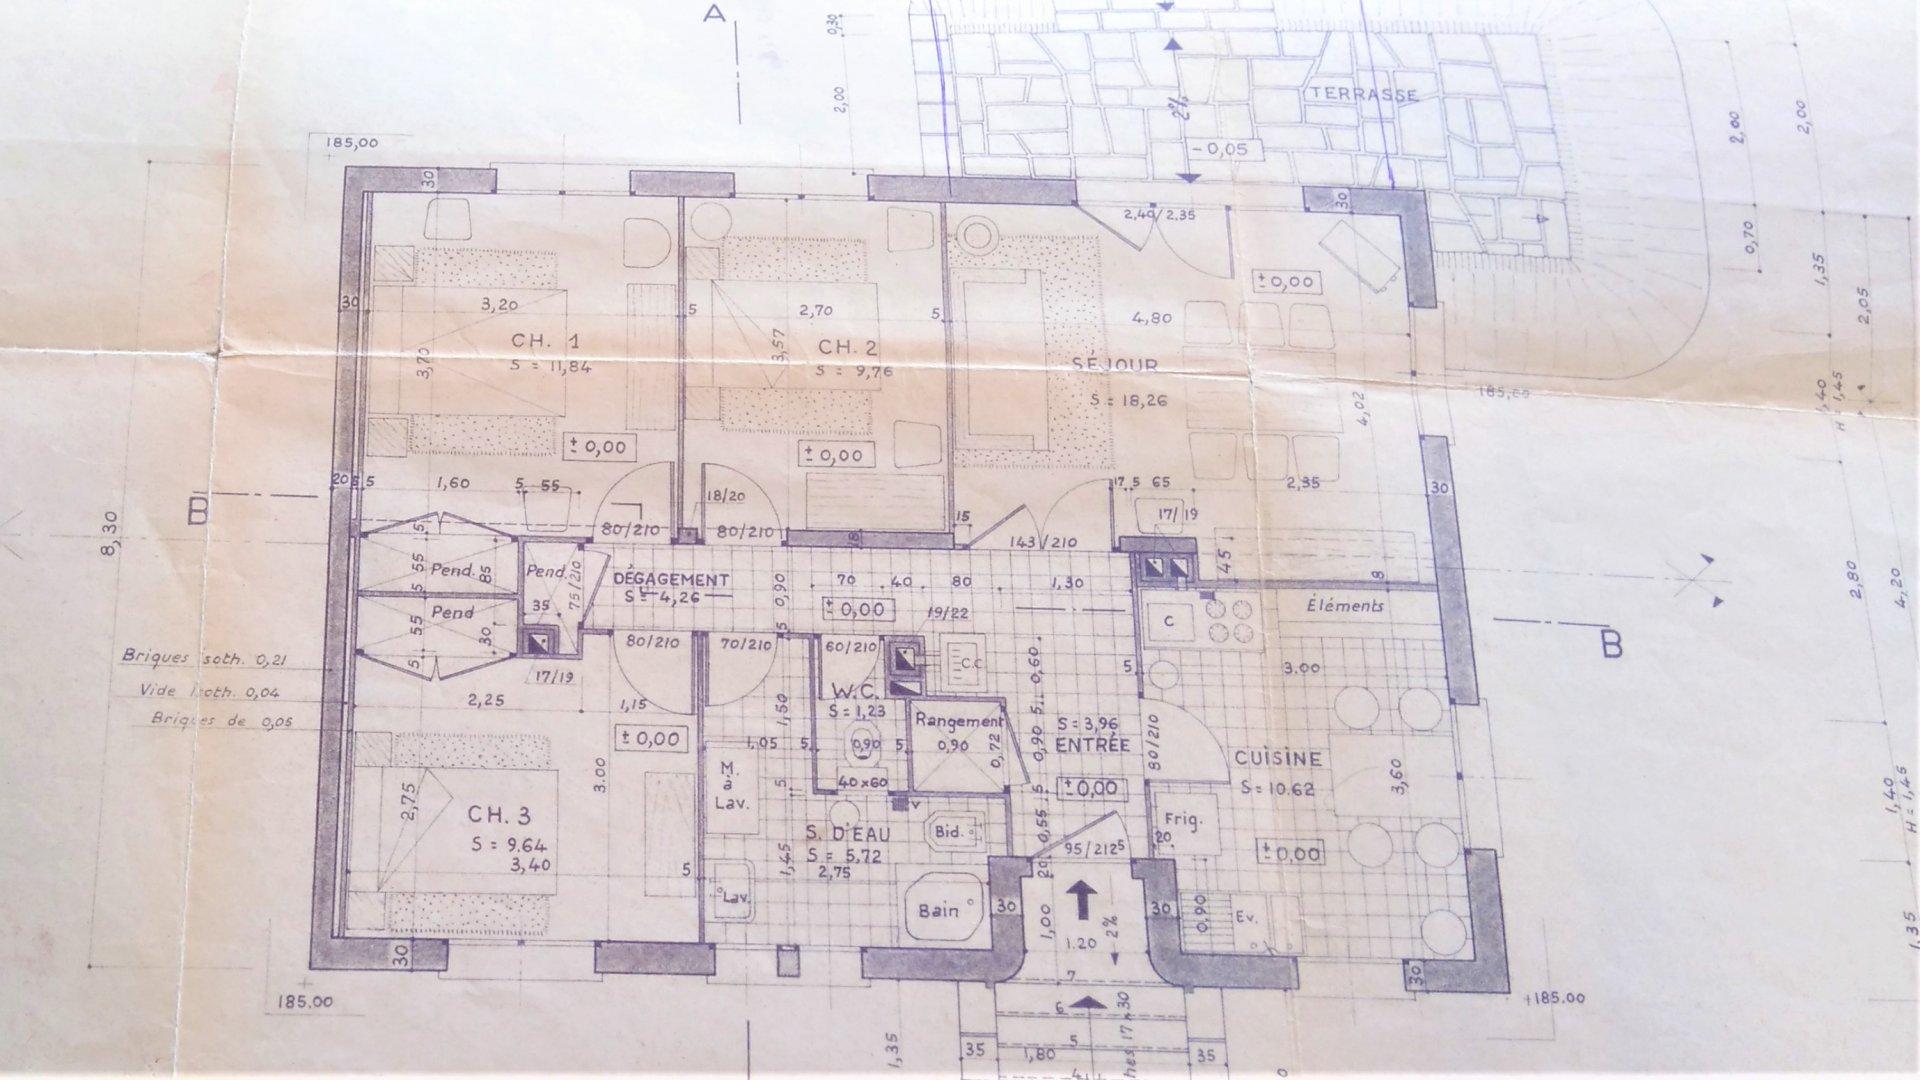 PRIX INTERESSANT. Dans un quartier résidentiel calme, venez découvrir cette maison rénovée de 80 m2. Elle se compose d'une cuisine équipée ouverte sur un salon de 26 m2 lumineux donnant sur une belle terrasse de 10 m2. Vous y trouverez 2 chambres avec placards intégrés et une salle de bains avec douche italienne. Possibilité de créer une 3 ème chambre. En sous sol, vous disposerez d'une surface de 80 m2, l'installation électrique sur facture à été effectuée. Double vitrage PVC. Le tout sur un terrain de 730 m2. Honoraires à la charge des vendeurs.